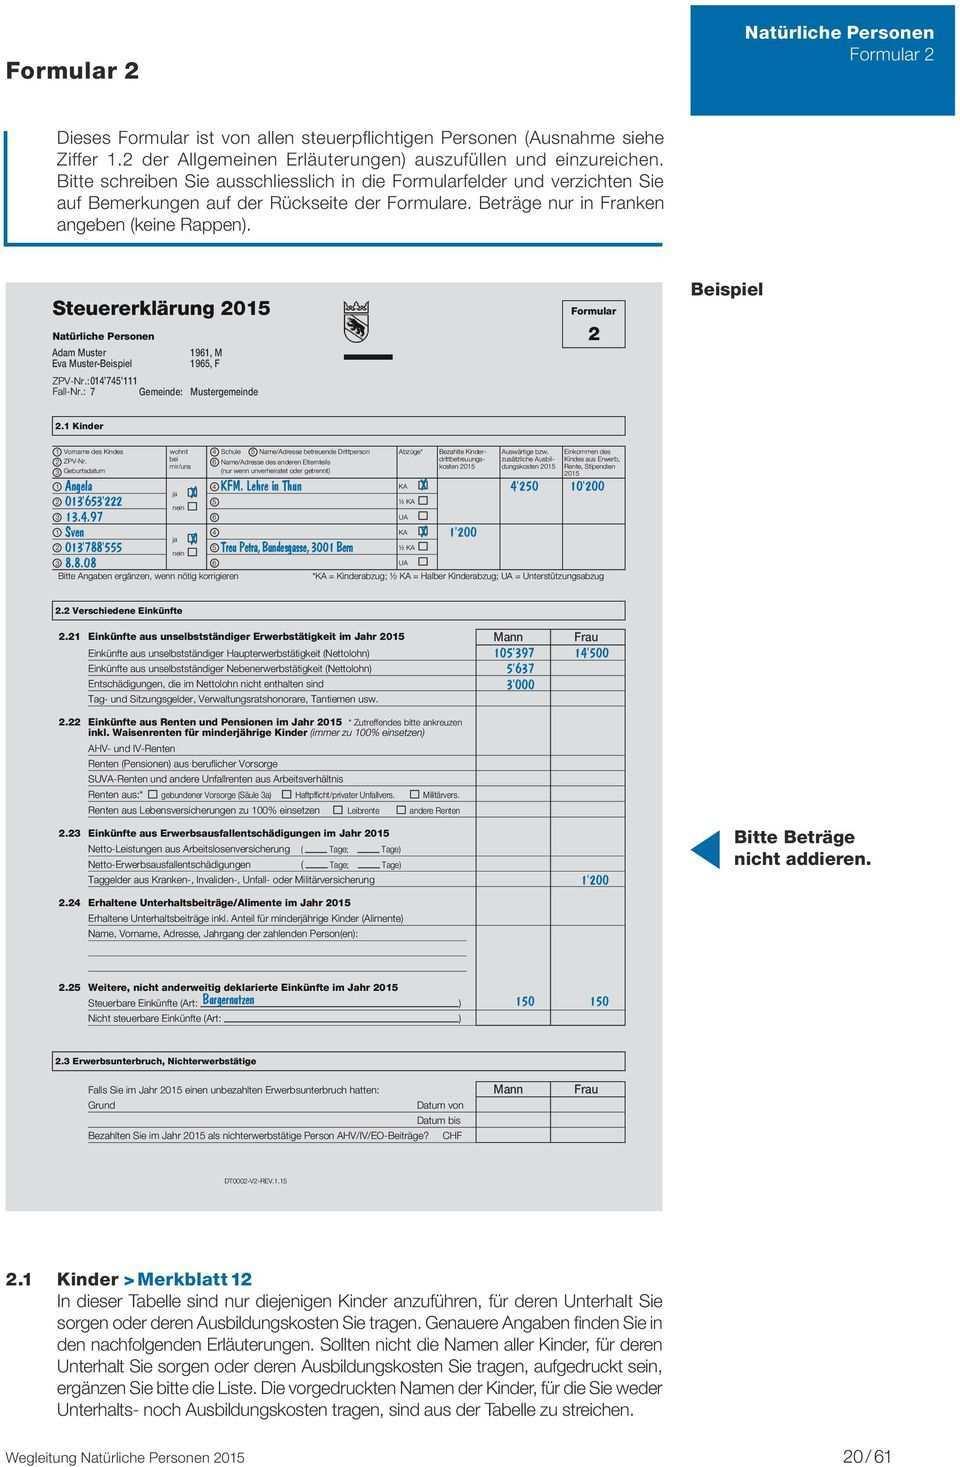 Wegleitung 2015 Zum Ausfullen Der Steuererklarung Kantons Und Gemeindesteuern Direkte Bundessteuer Pdf Kostenfreier Download